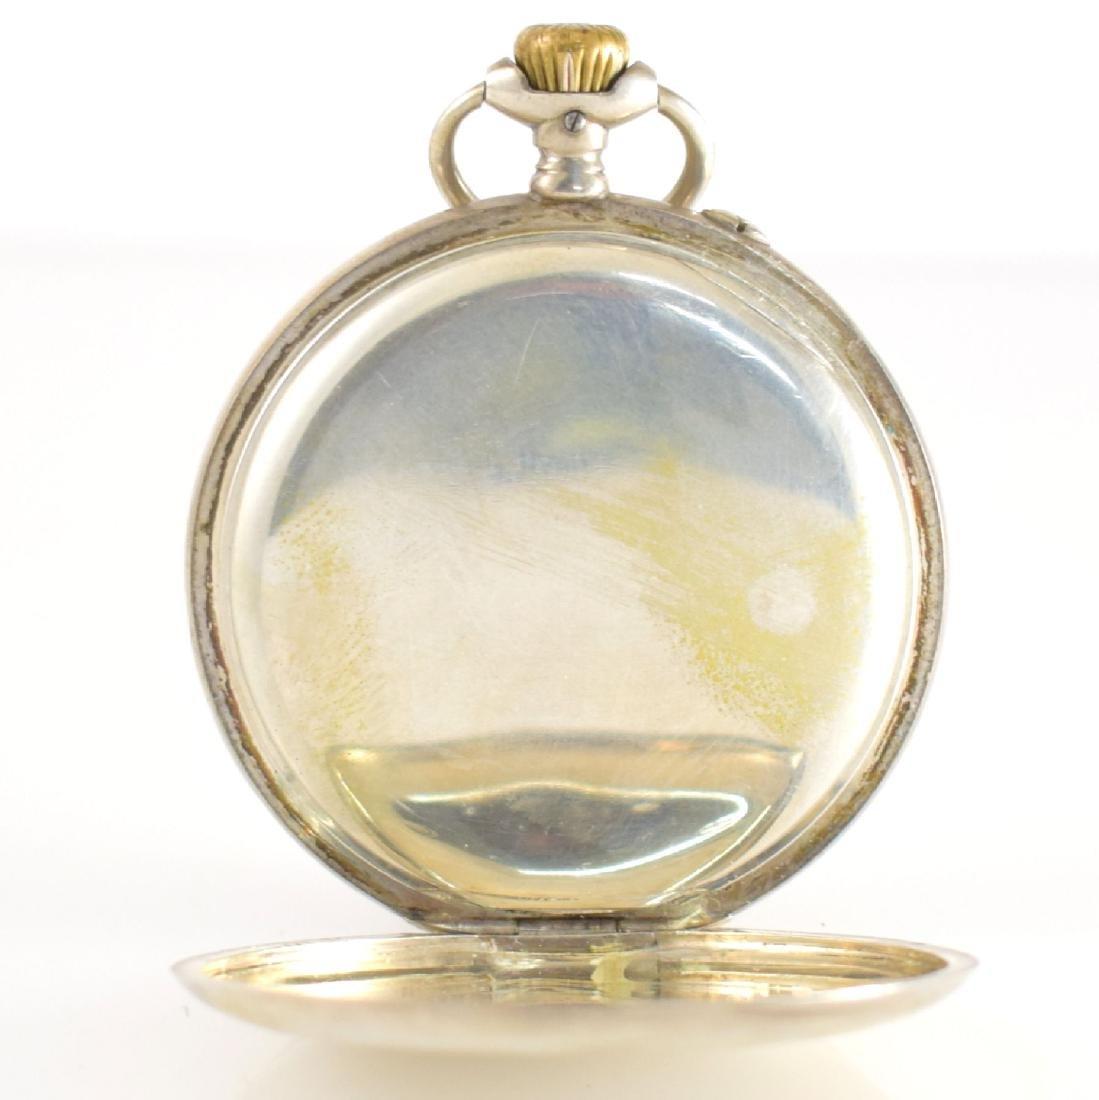 IWC open face pocket watch in silver - 5